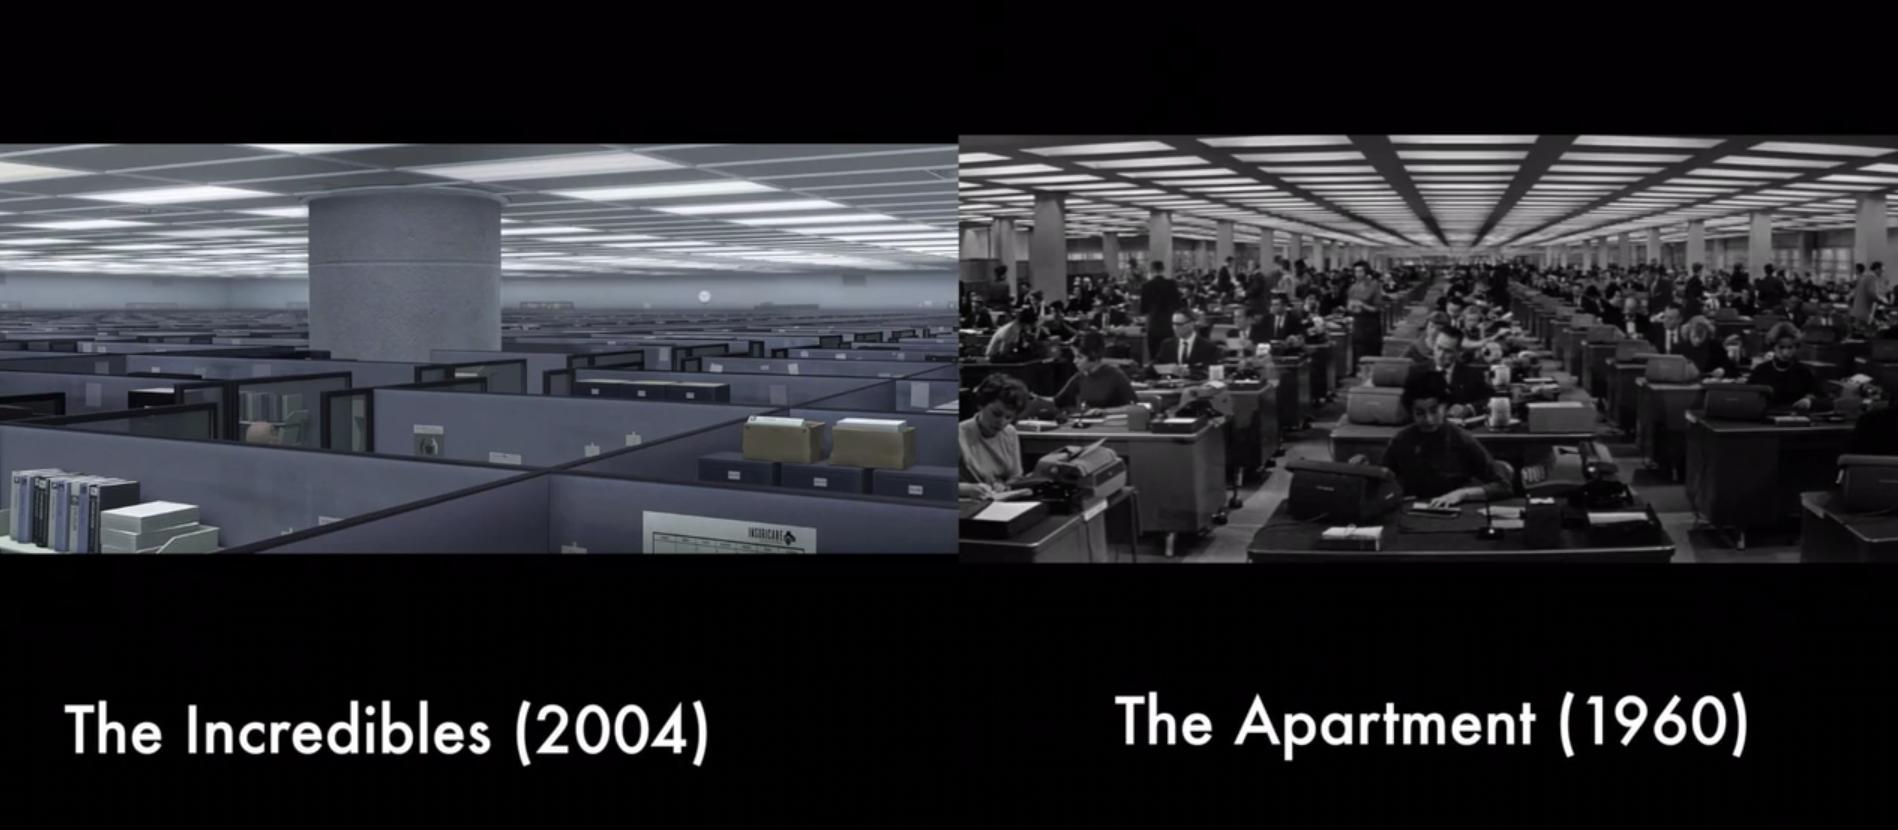 Tributo de Pixar al cine clásico en sus películas animadas